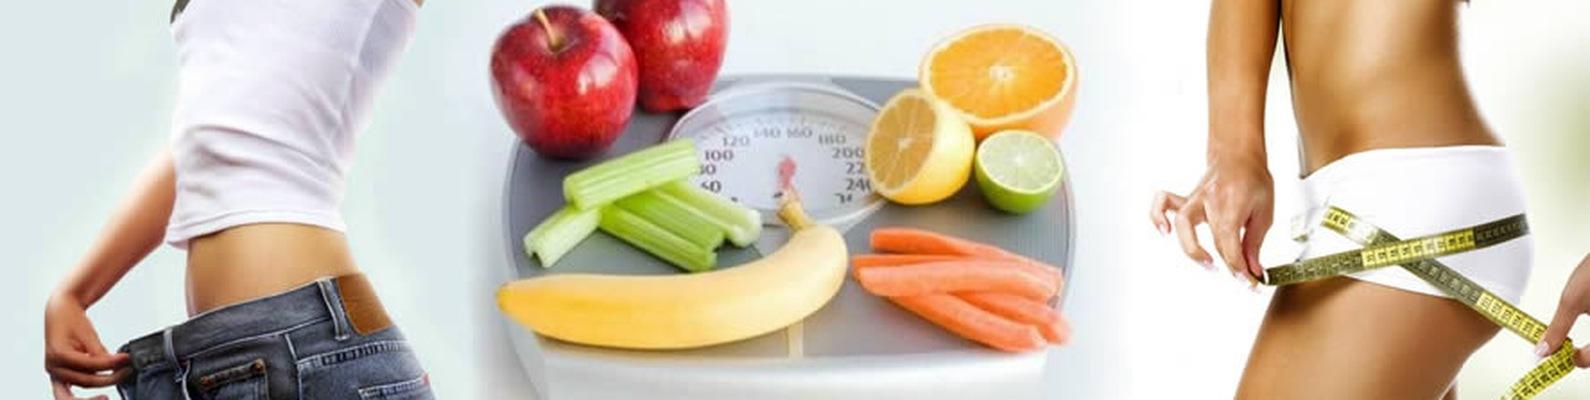 Как Быстро Похудеть Не Навредить Здоровью. 💚Как похудеть, чтобы не навредить здоровью и сохранить полученный результат